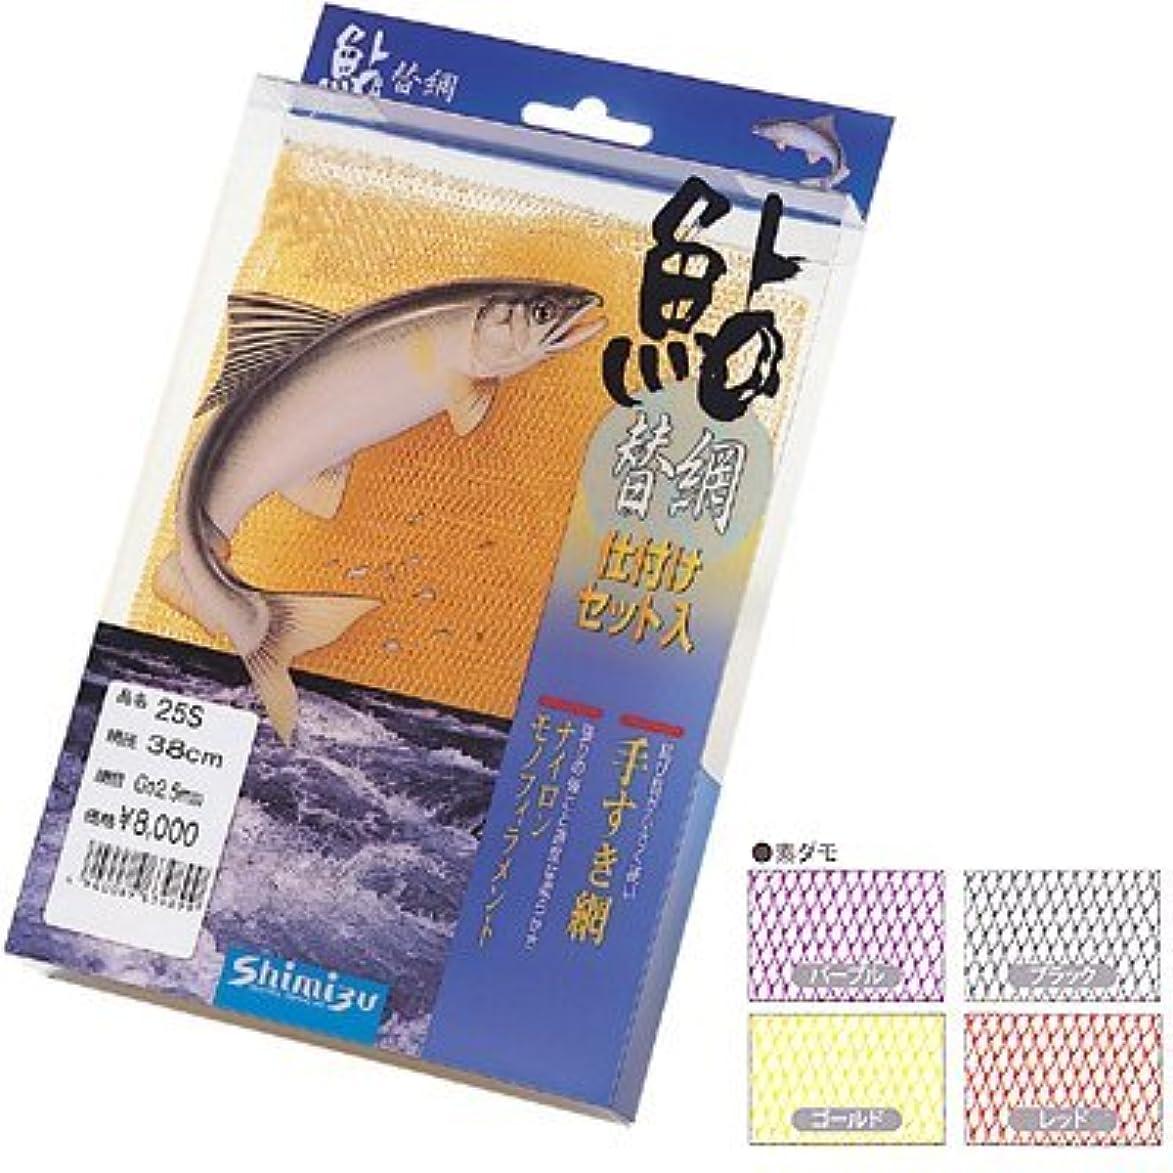 定説挑発する簡単にシミズ(shimizu) ランディングネット 鮎替網 30S39 レッドBE 39cm